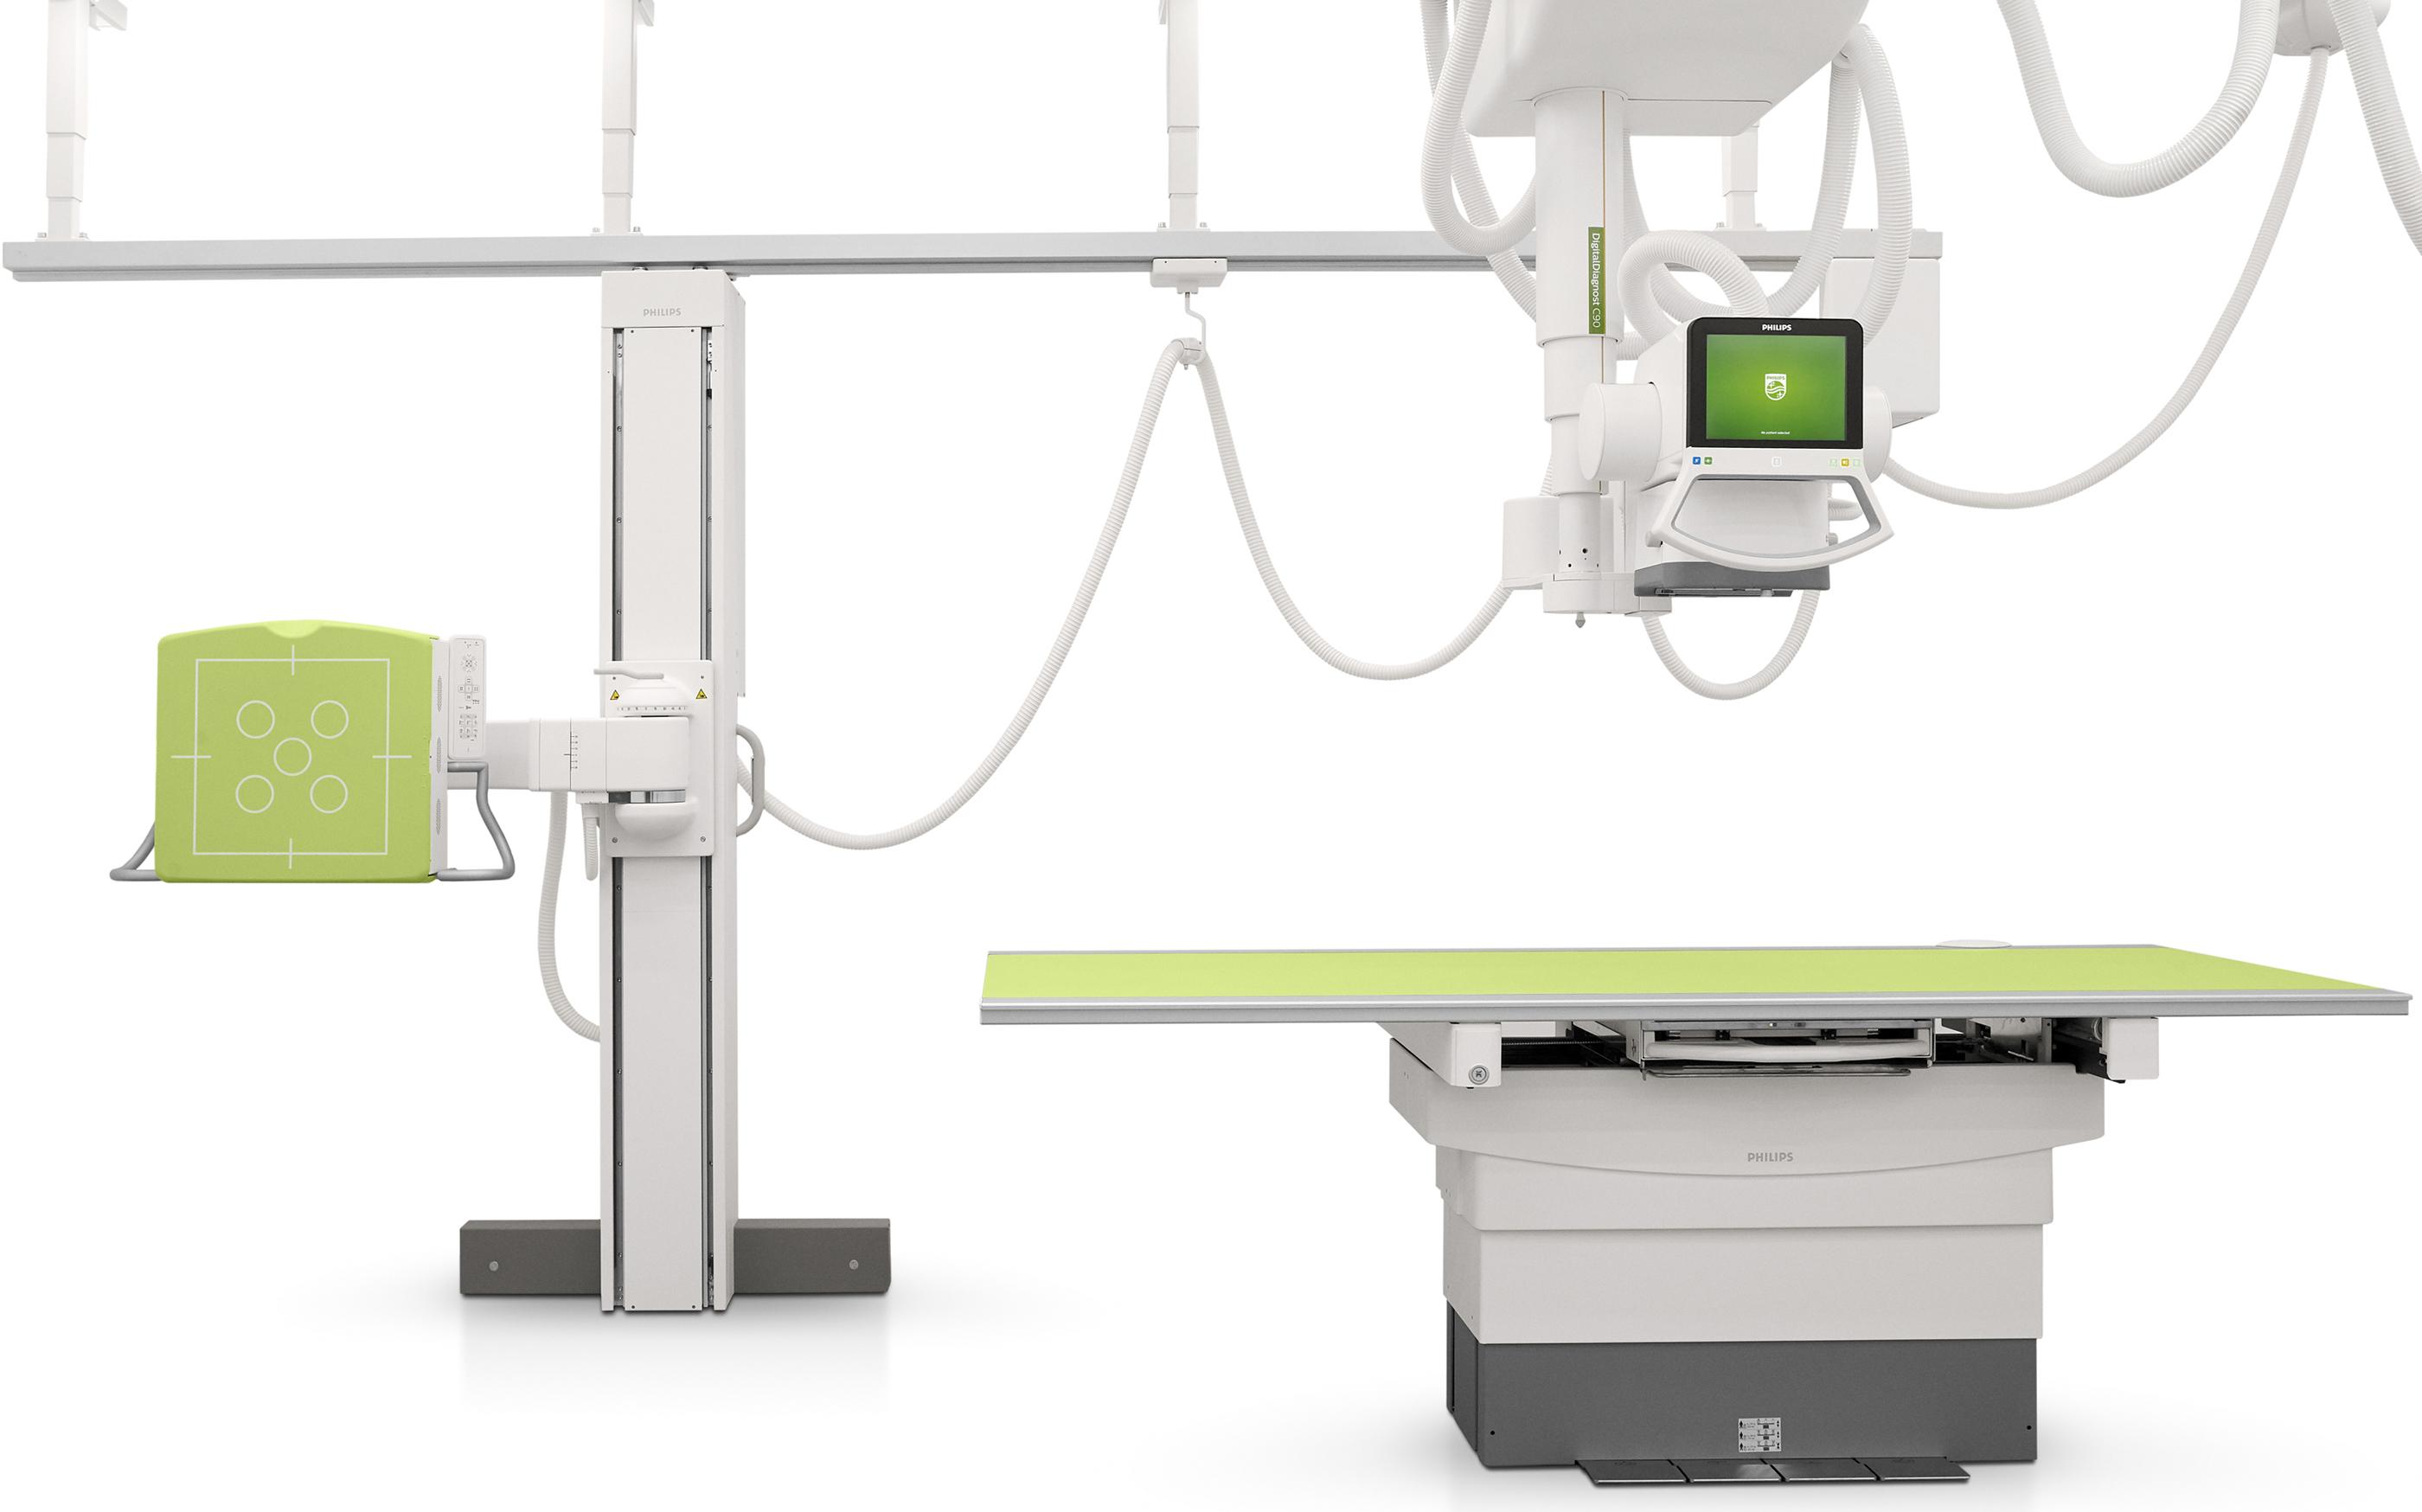 Philips präsentiert Premiumsystem DigitalDiagnost C90 für die digitale Radiographie